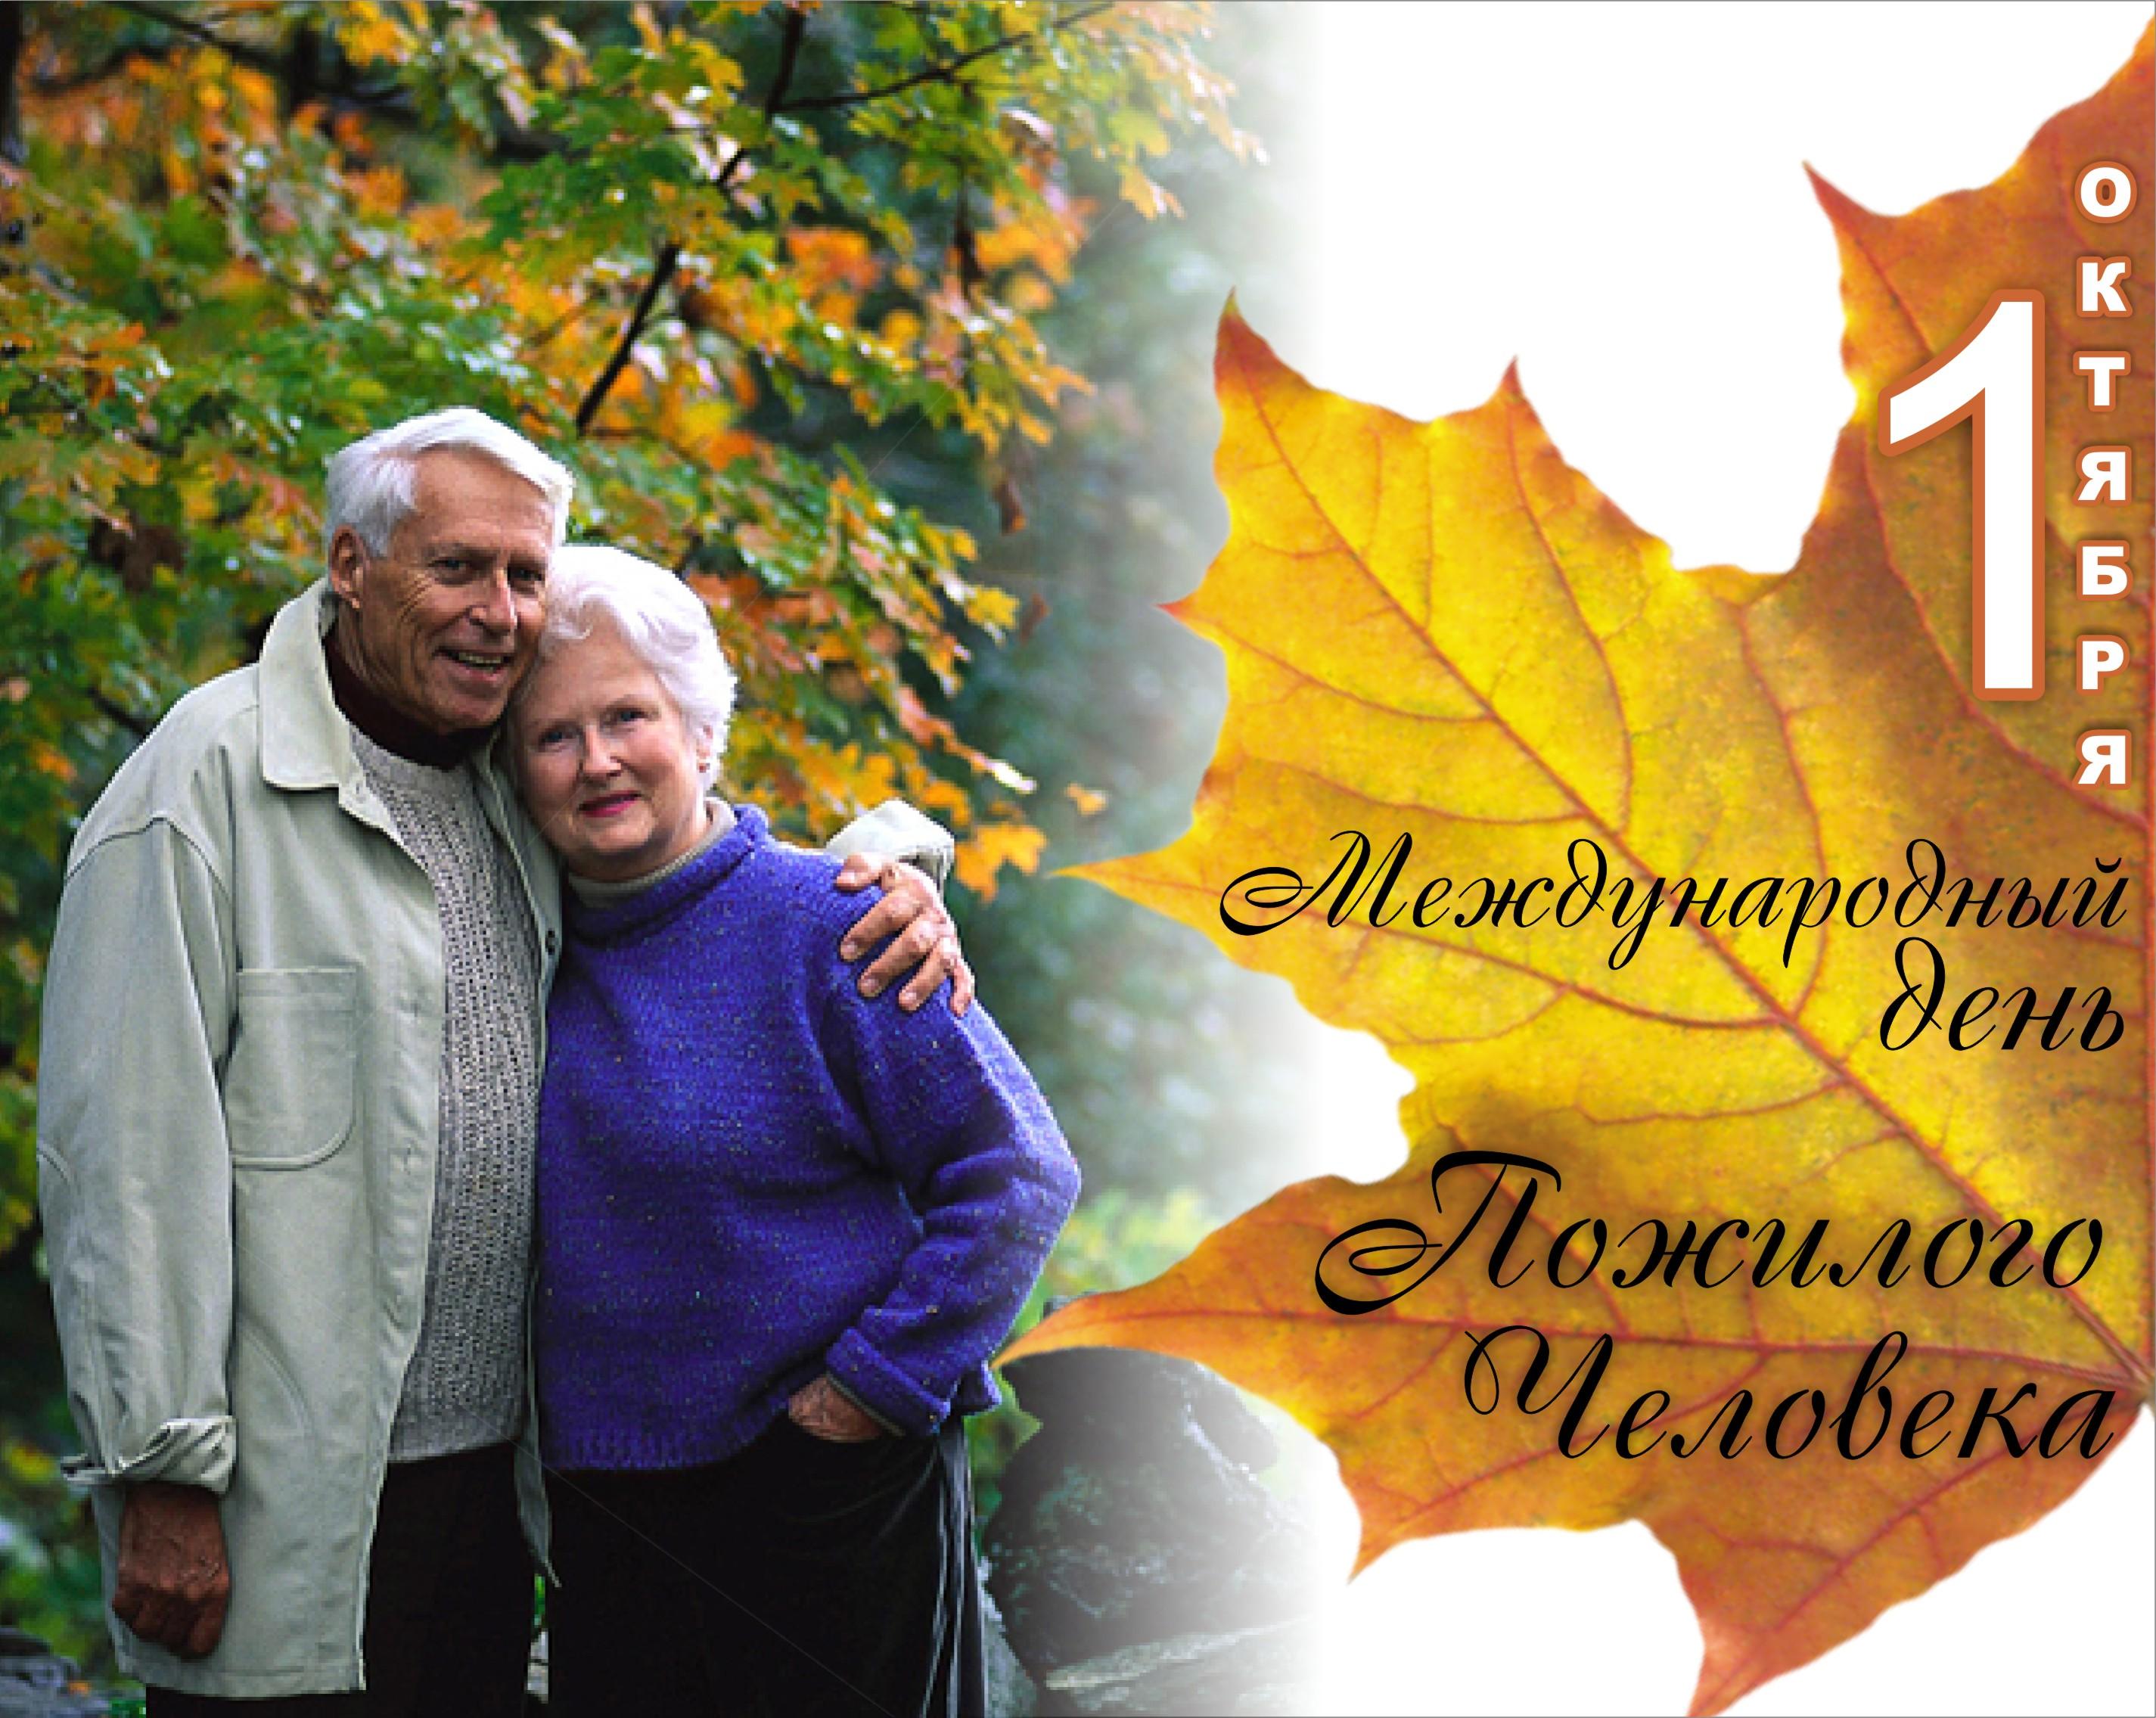 Поздравления с днем металлургов пенсионеров